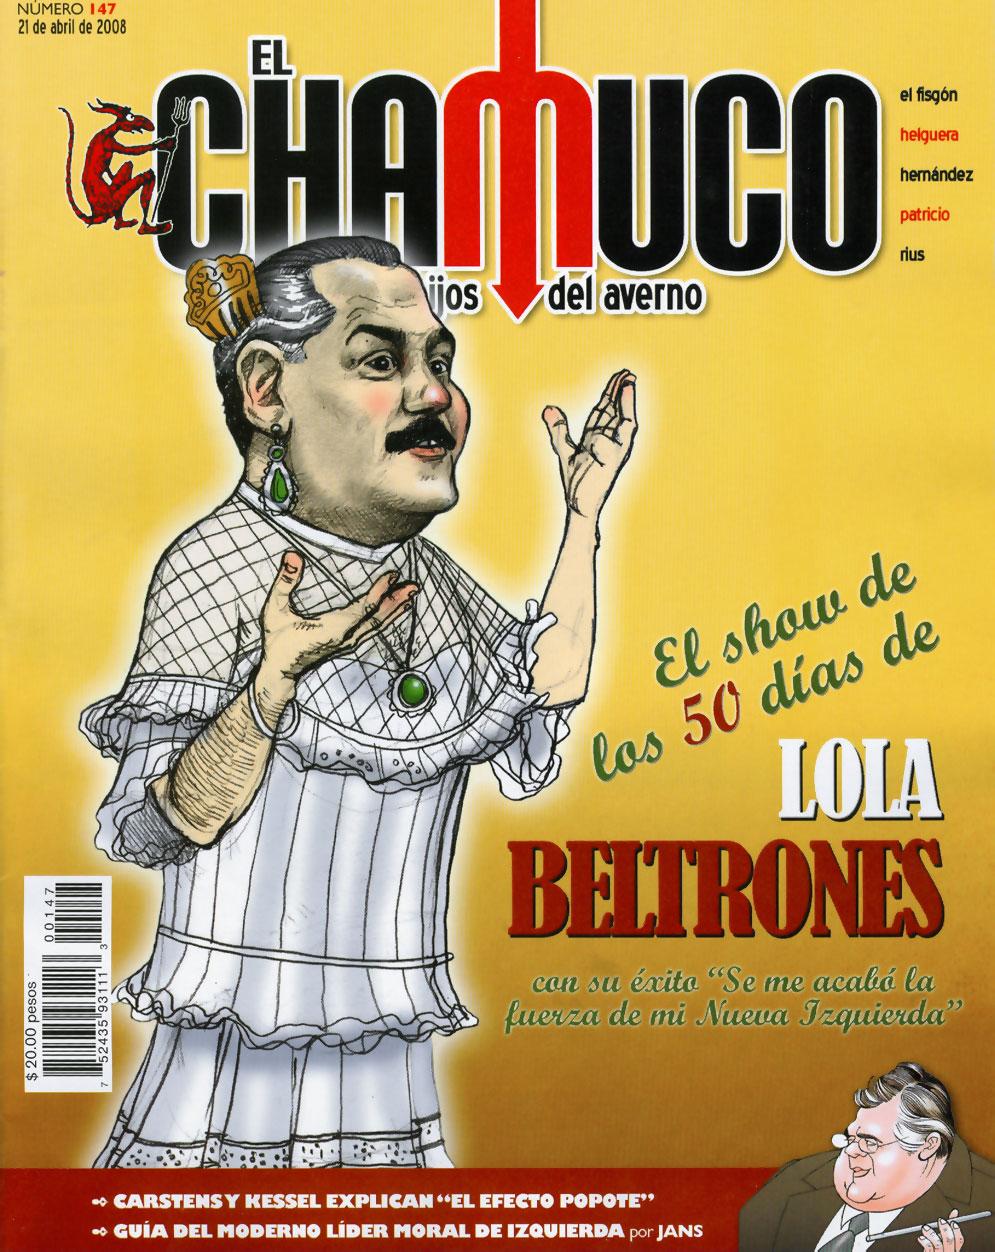 http://2.bp.blogspot.com/_EZ38IjI0pK4/SAtnvjCGNnI/AAAAAAAADZs/Q661lJA58os/s1600/chamuco-147.jpg